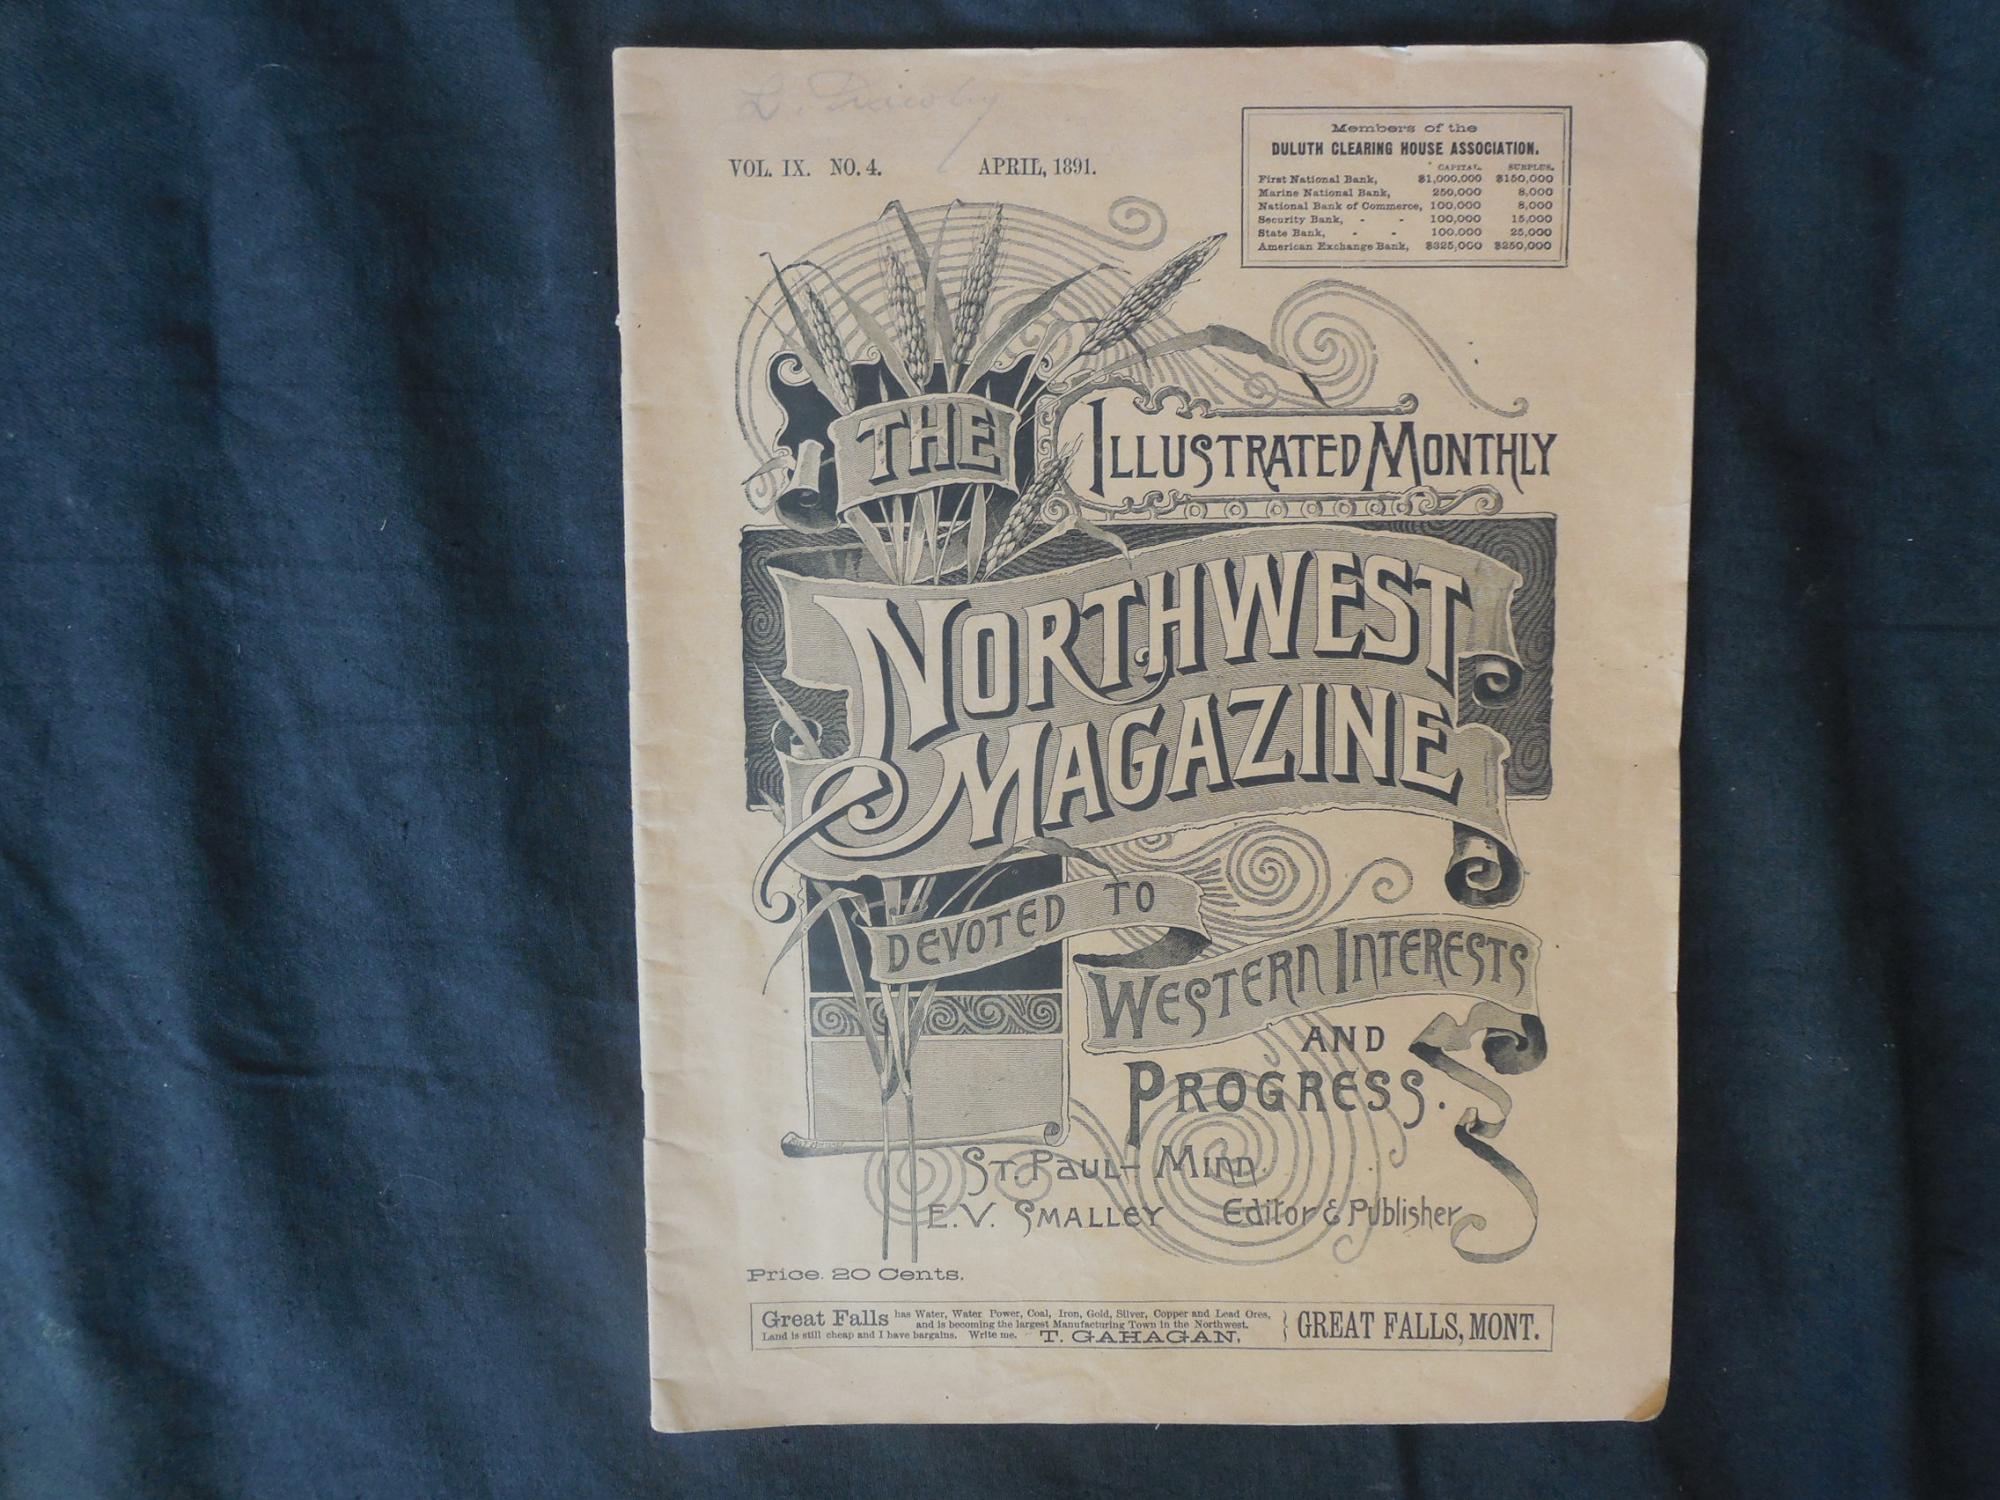 The Illustrated Monthly Northwest Magazine